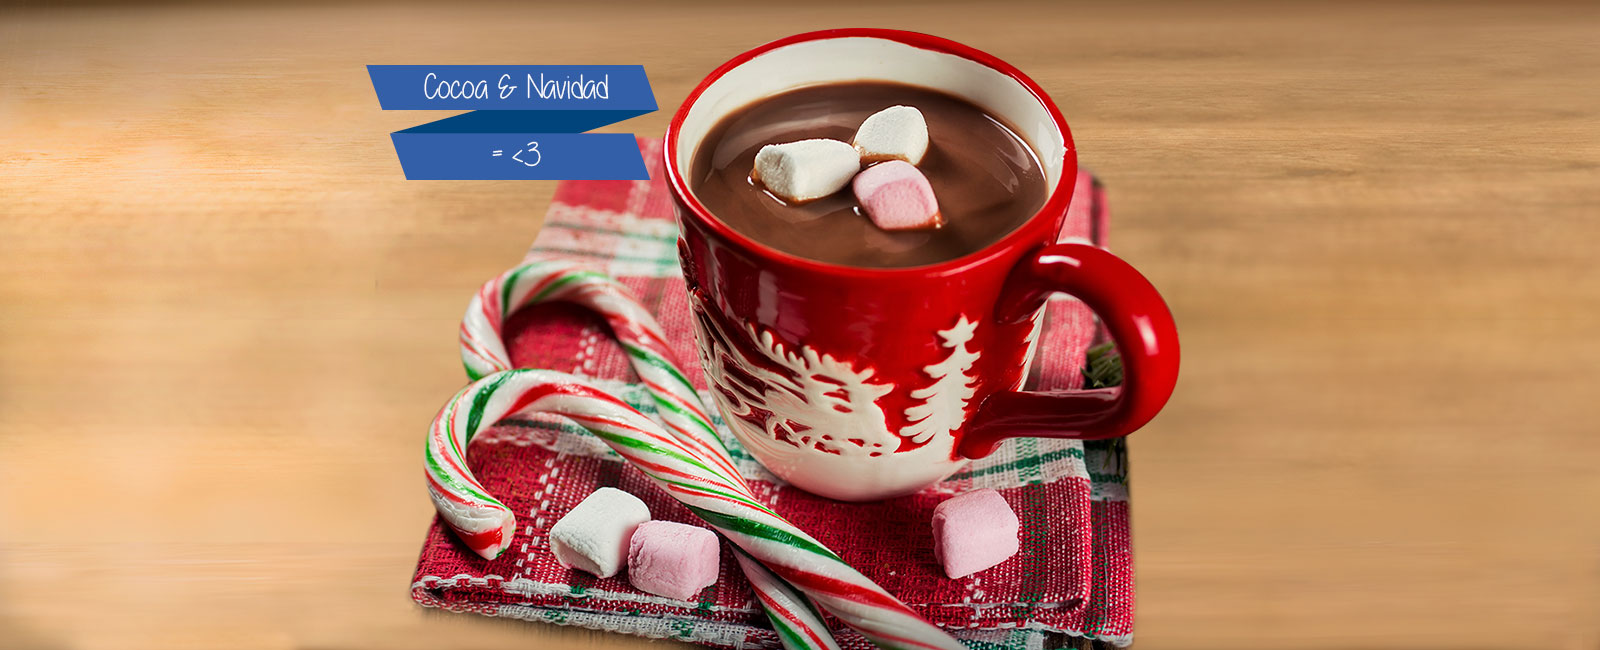 Cocoa Winter's